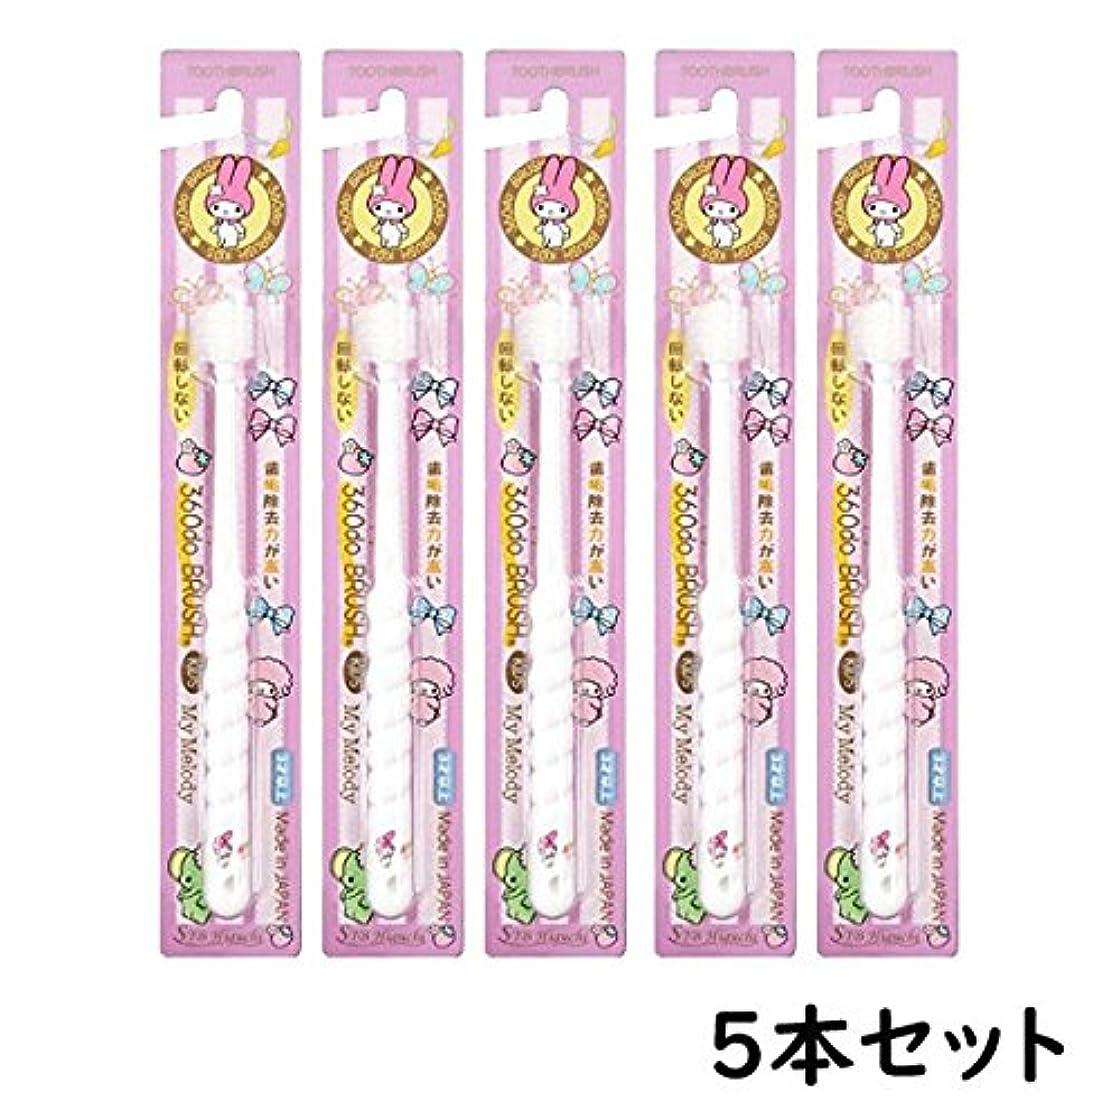 作るシンボル願う360度歯ブラシ 360do BRUSH たんぽぽの種キッズ マイメロディ (5本)